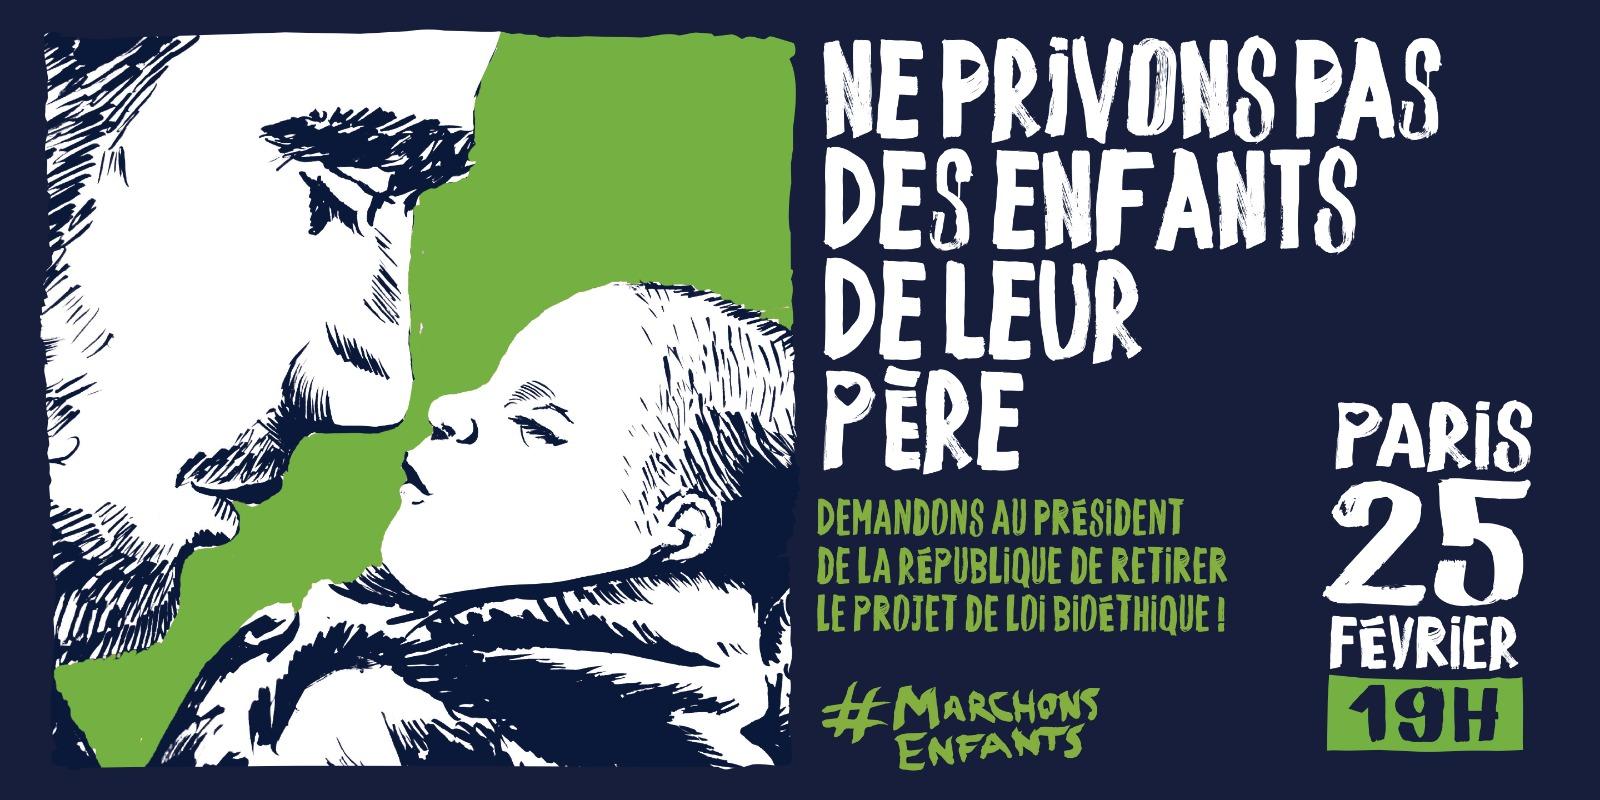 Image - RDV mardi 25 février à 19h, place Clemenceau à Paris, avec Marchons Enfants !